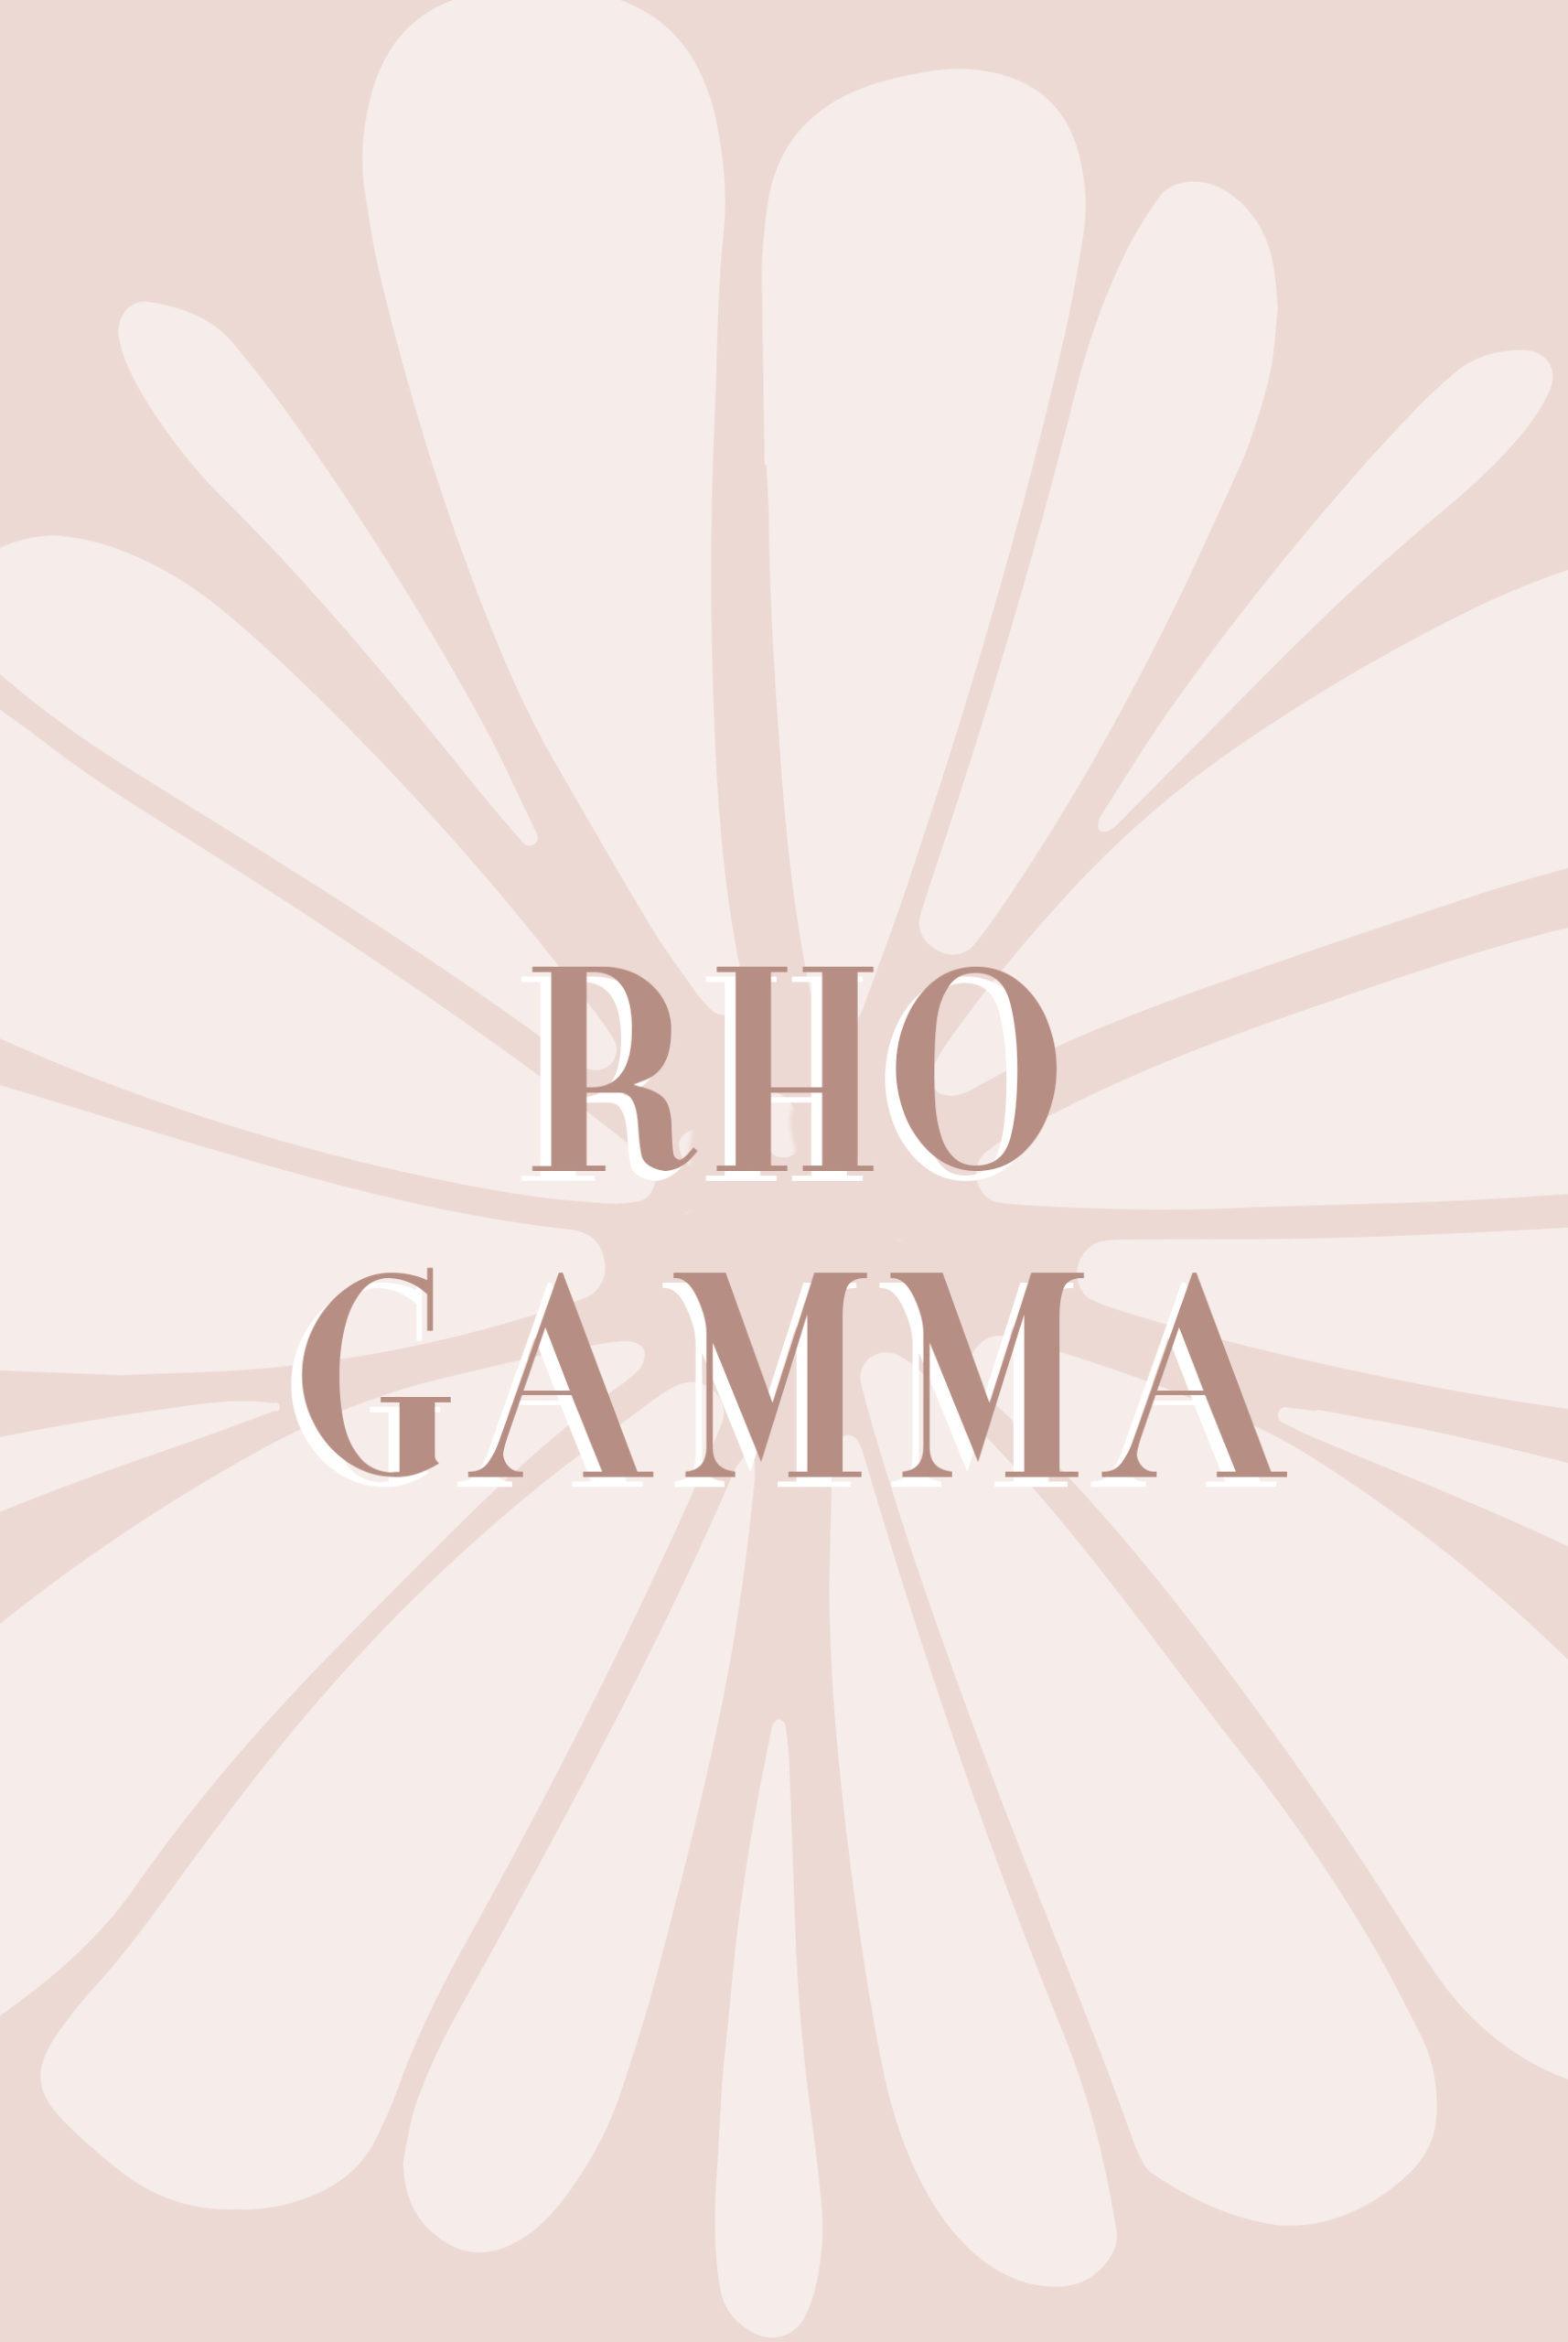 Rho Gamma